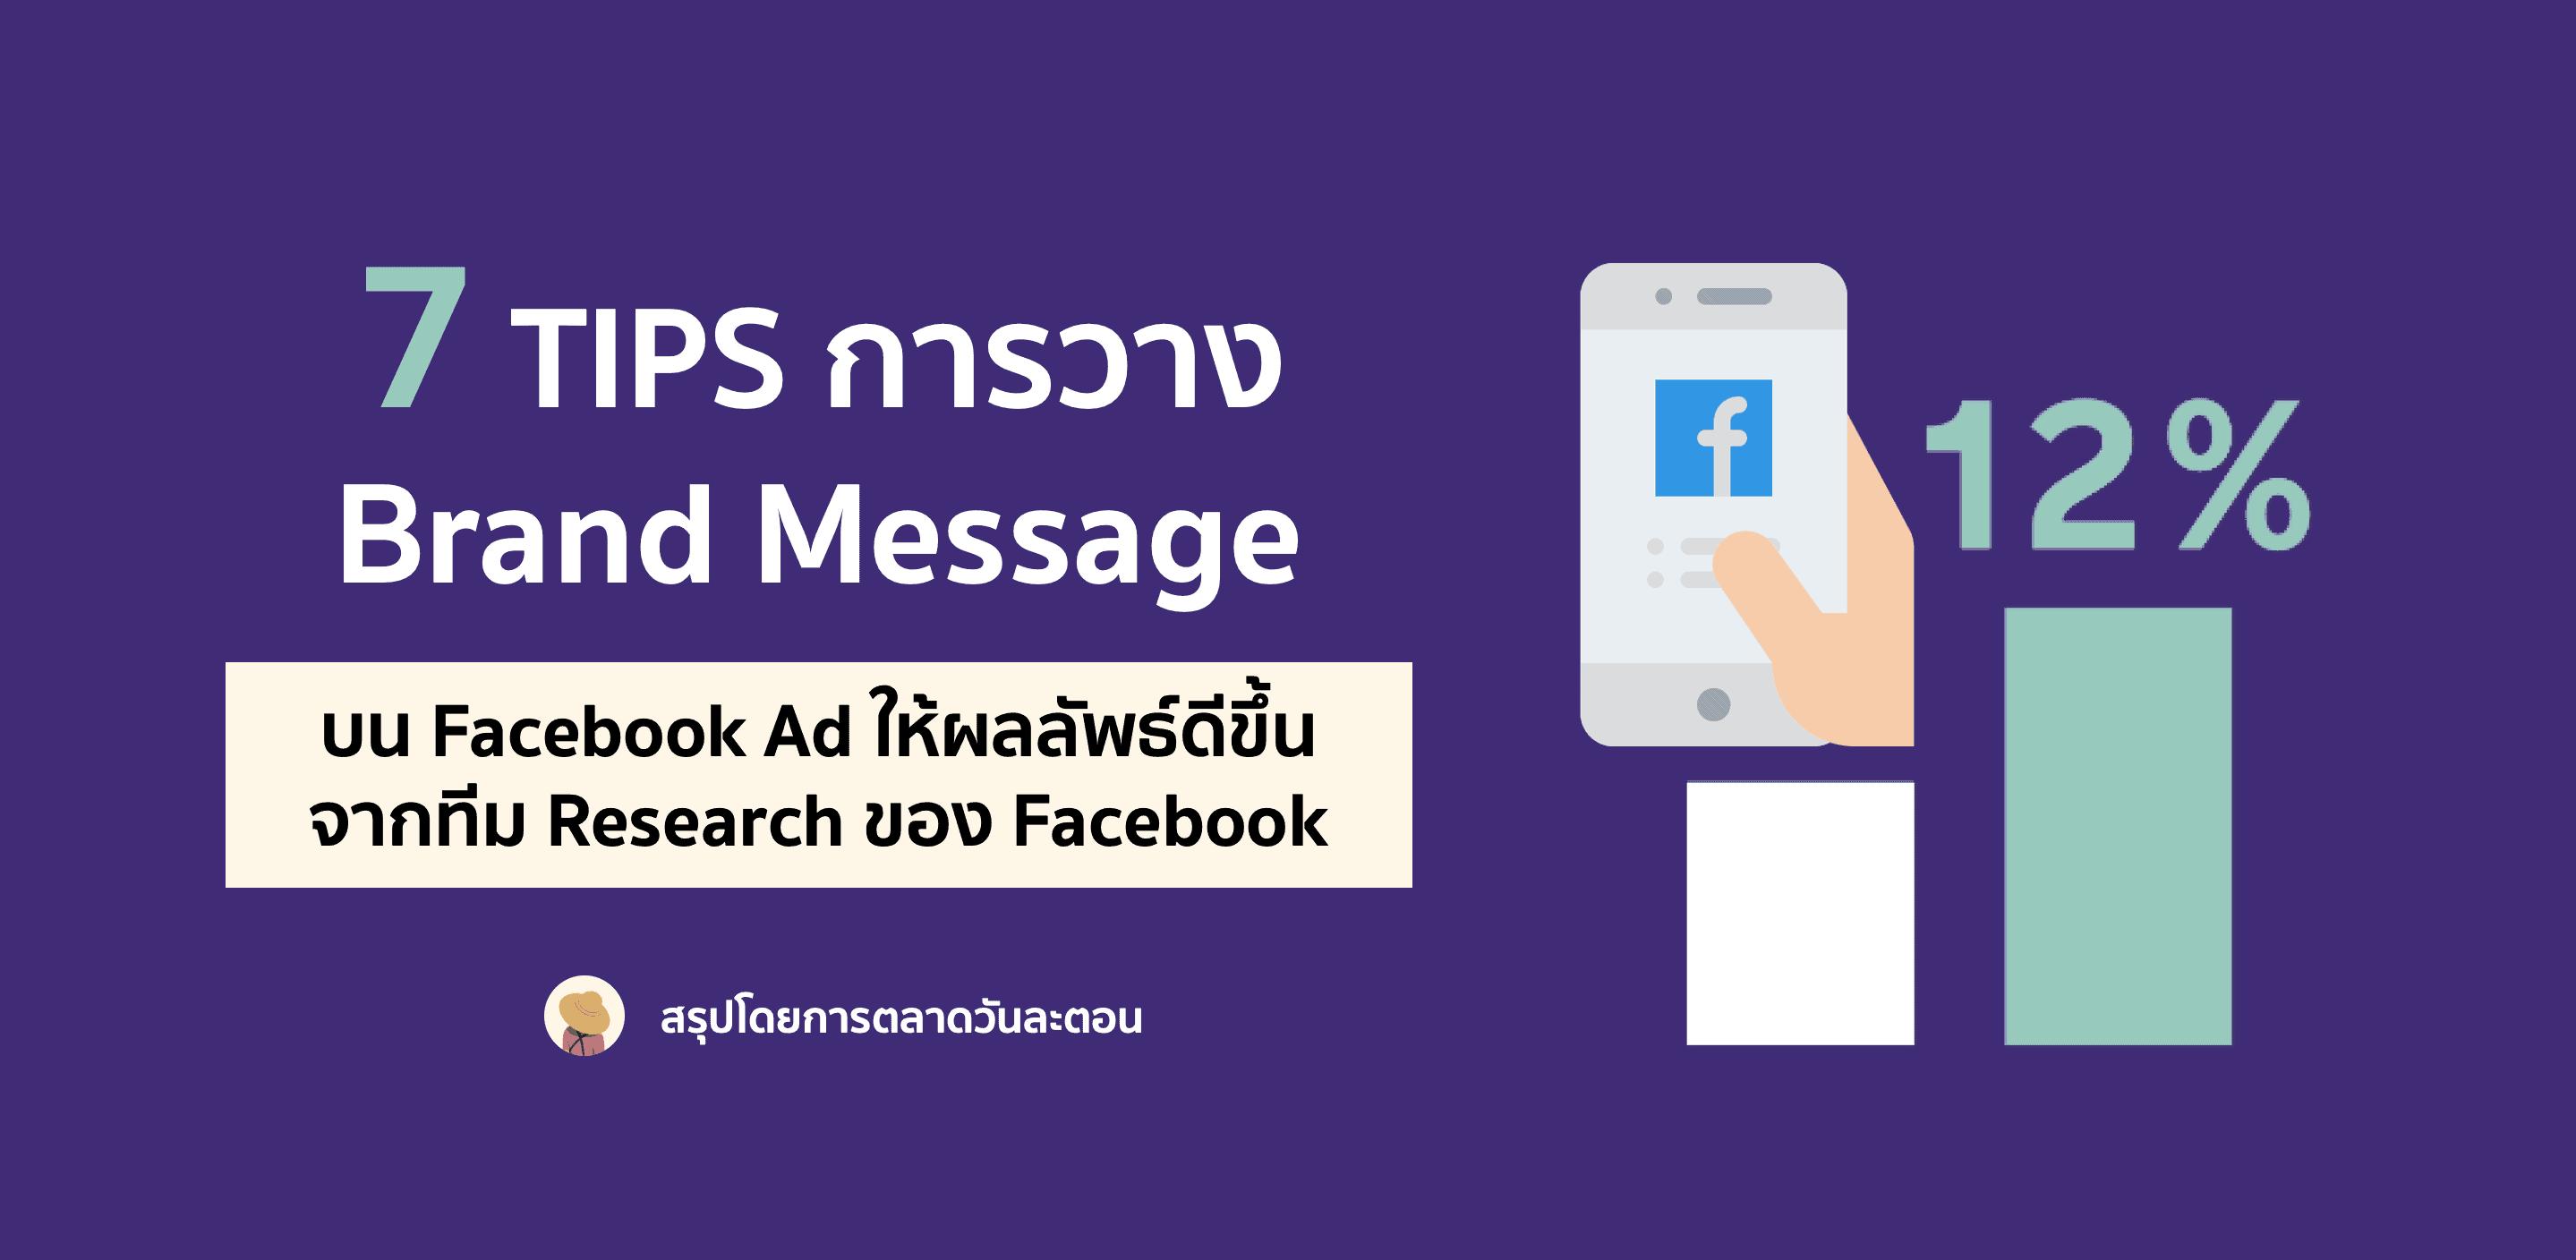 7 วิธีเขียน Brand Message ให้ปังบน Facebook Ads